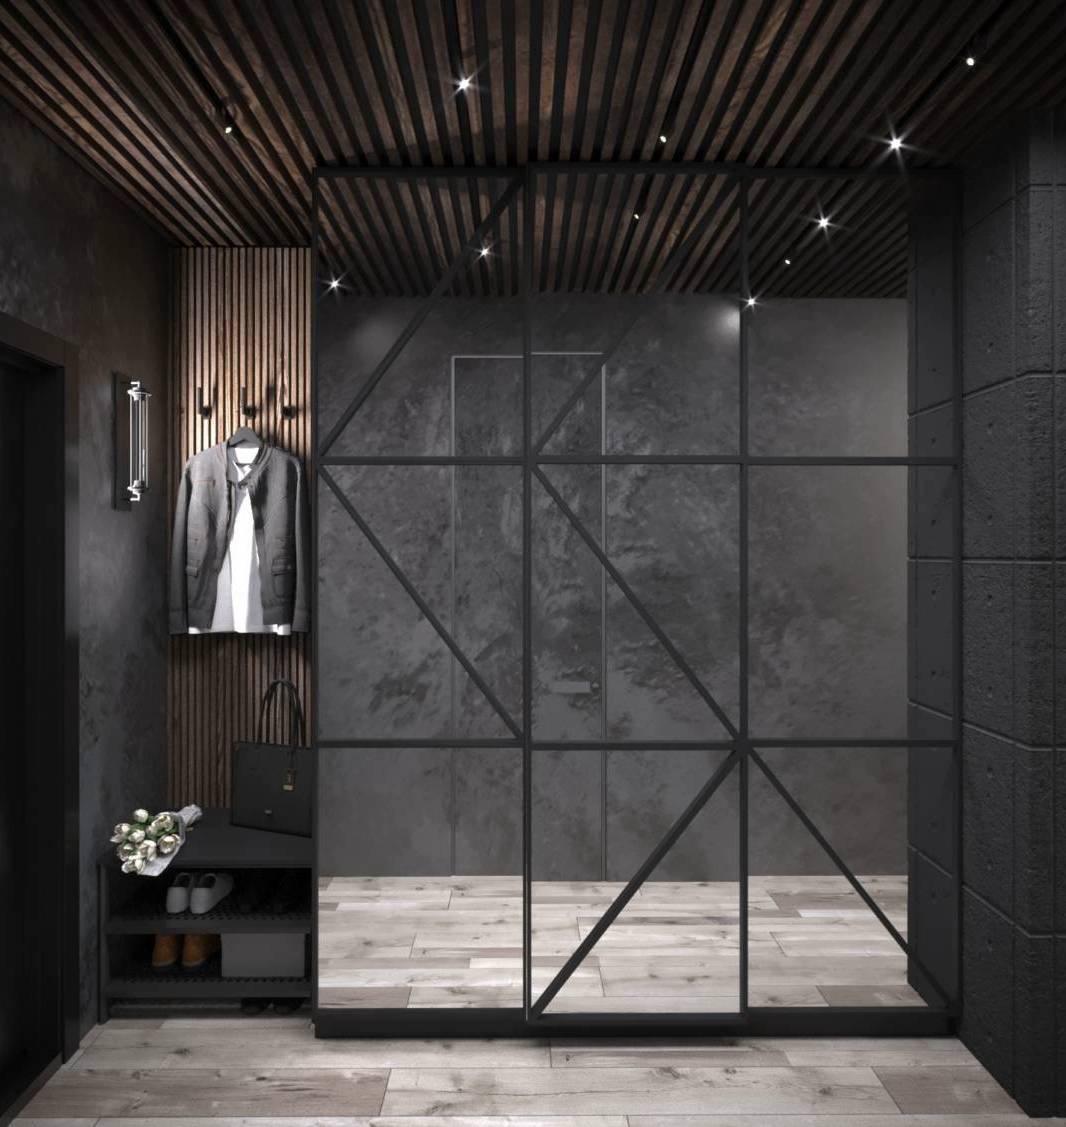 Отделка стен в доме: обзор лучших материалов и технологий. 90 фото вариантов дизайна стен в частном доме